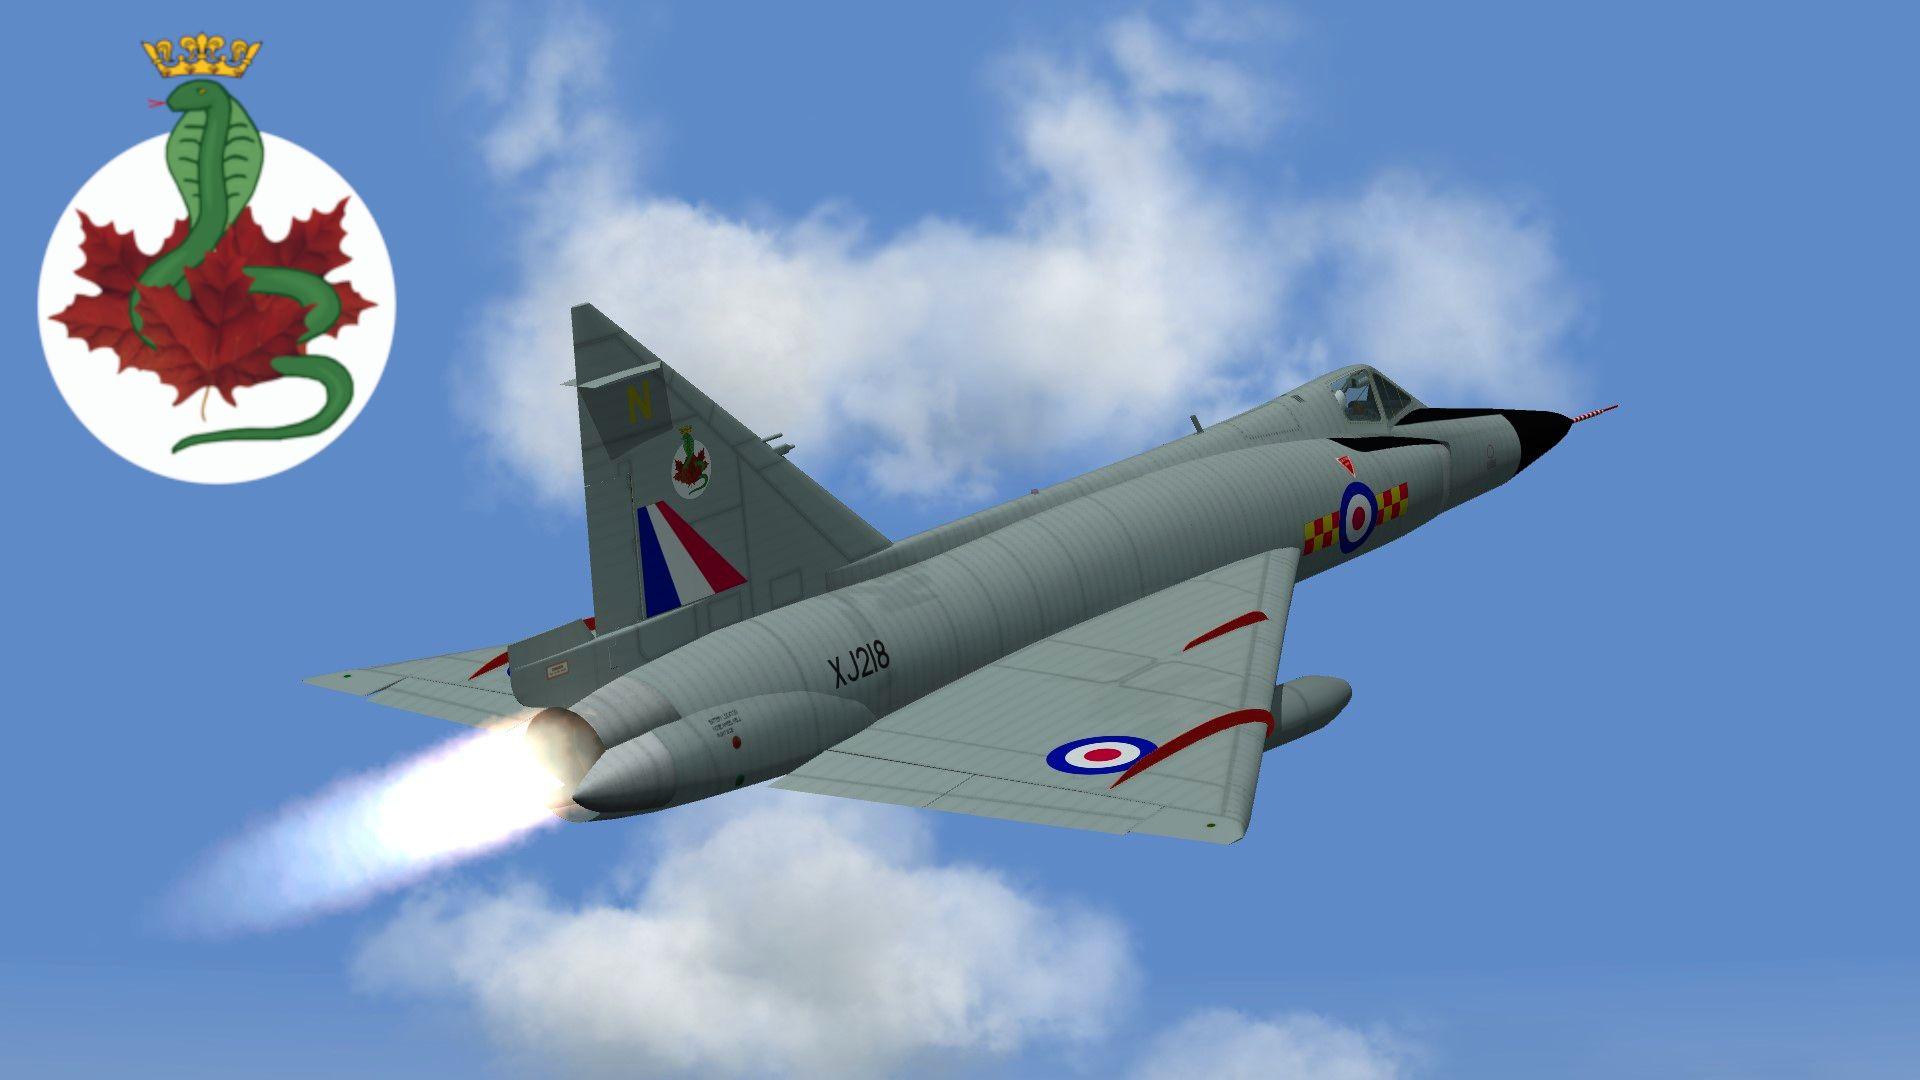 RAF%20GALANT%20FAW1.02_zpsntj5f4hr.jpg